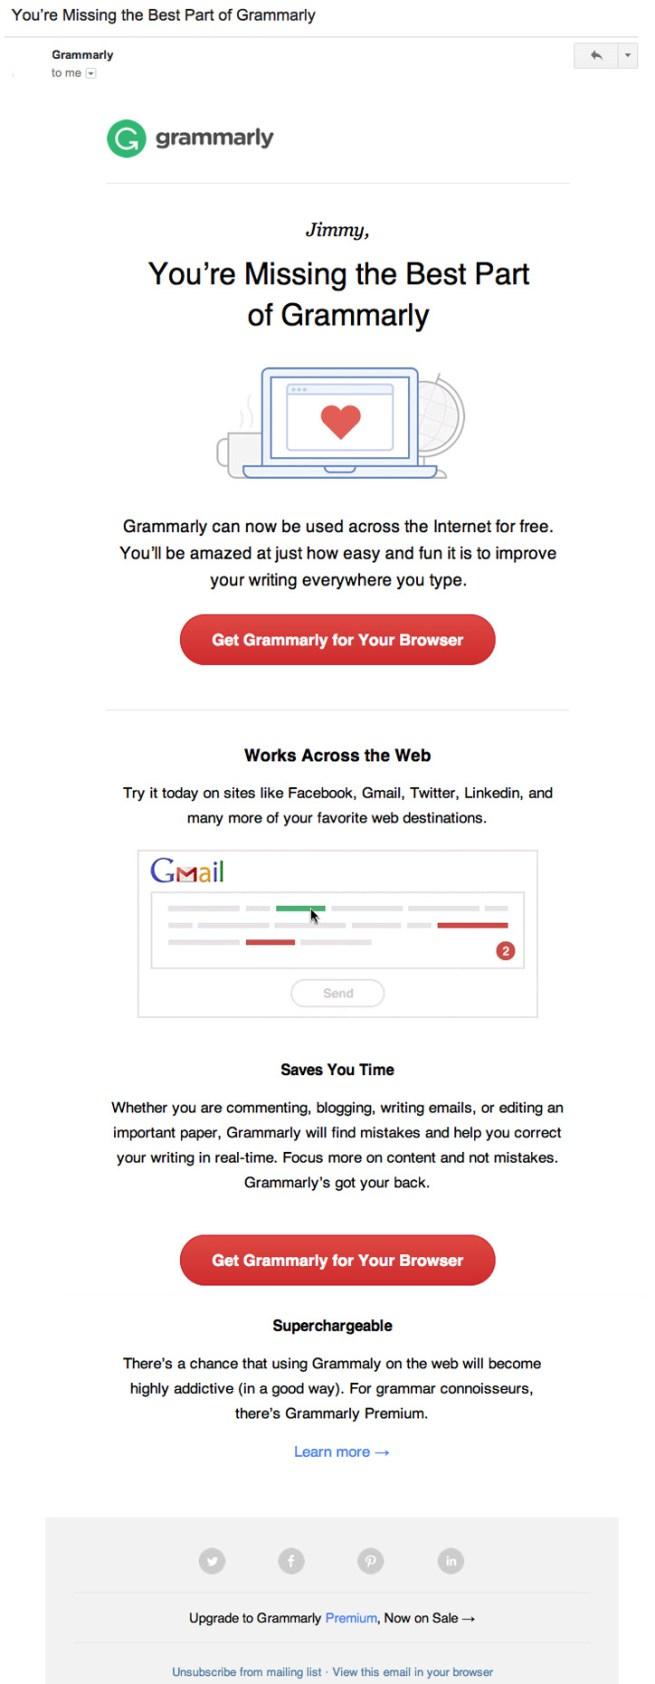 Grammarly-retention-email